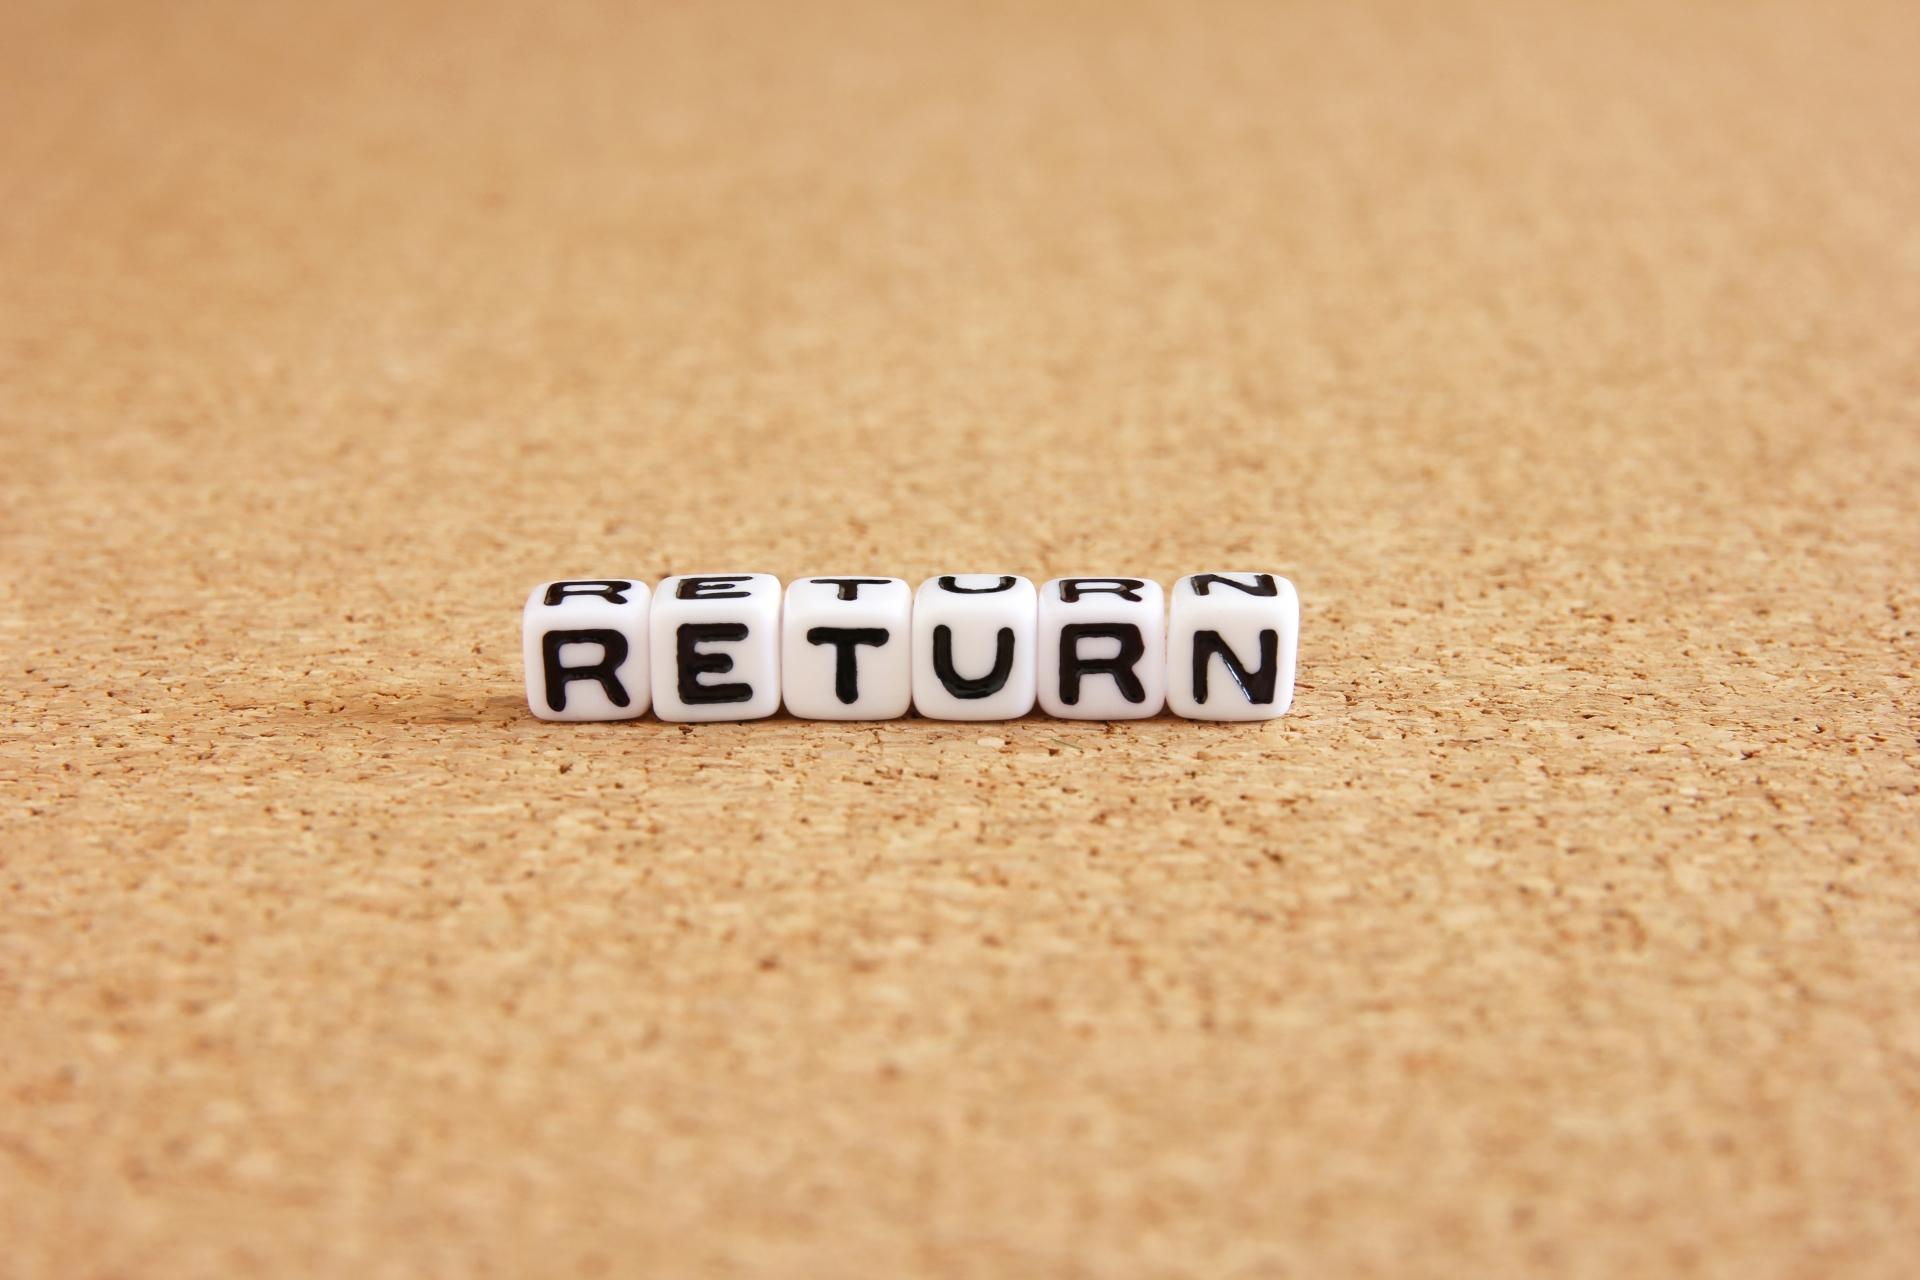 『見返り』とは?について考えたこと・・。